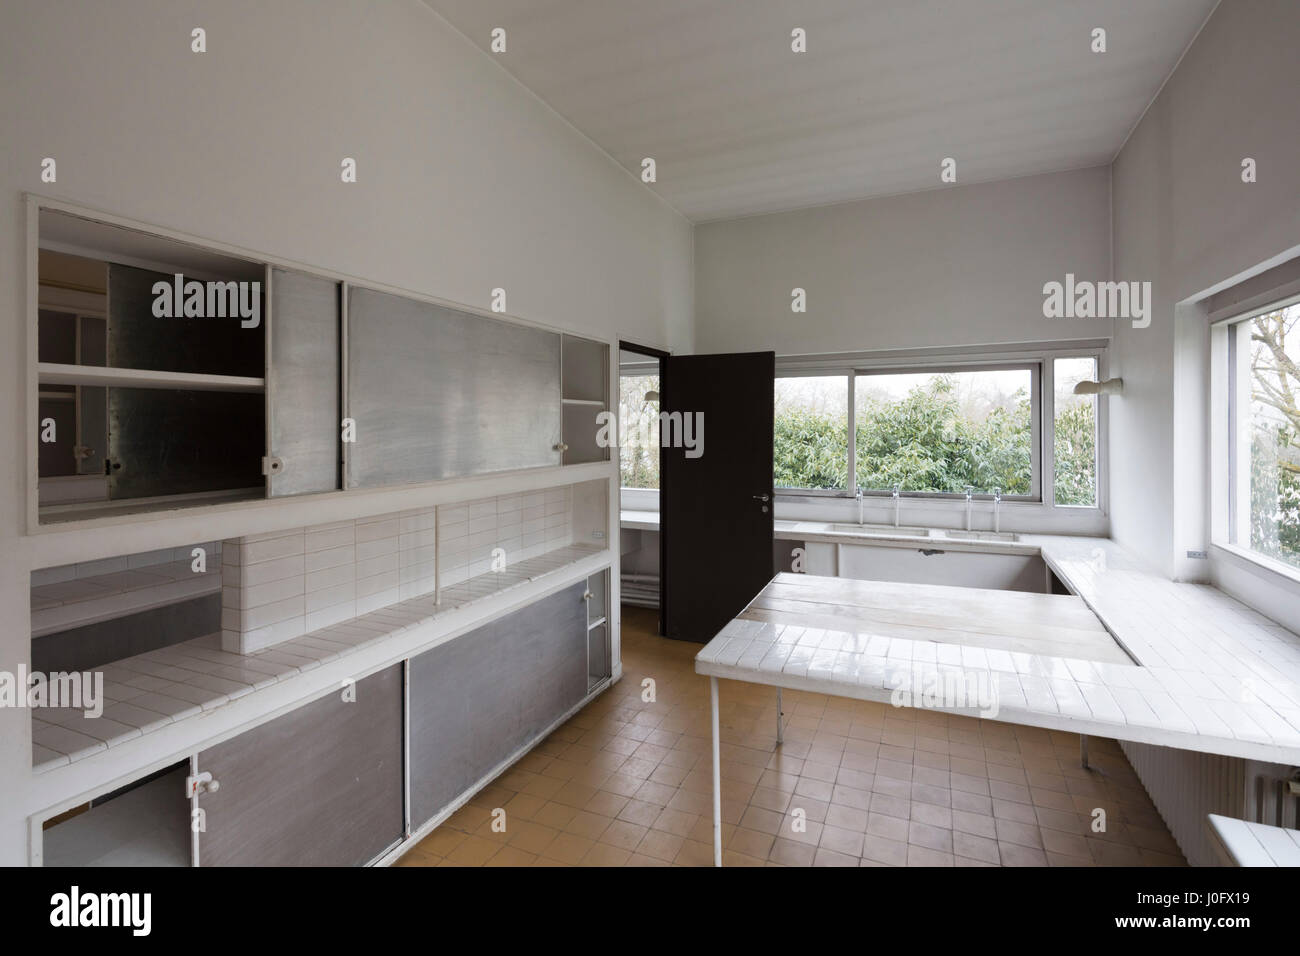 kitchen, Villa Savoye at Poissy, France, modernist ...Villa Savoye Kitchen